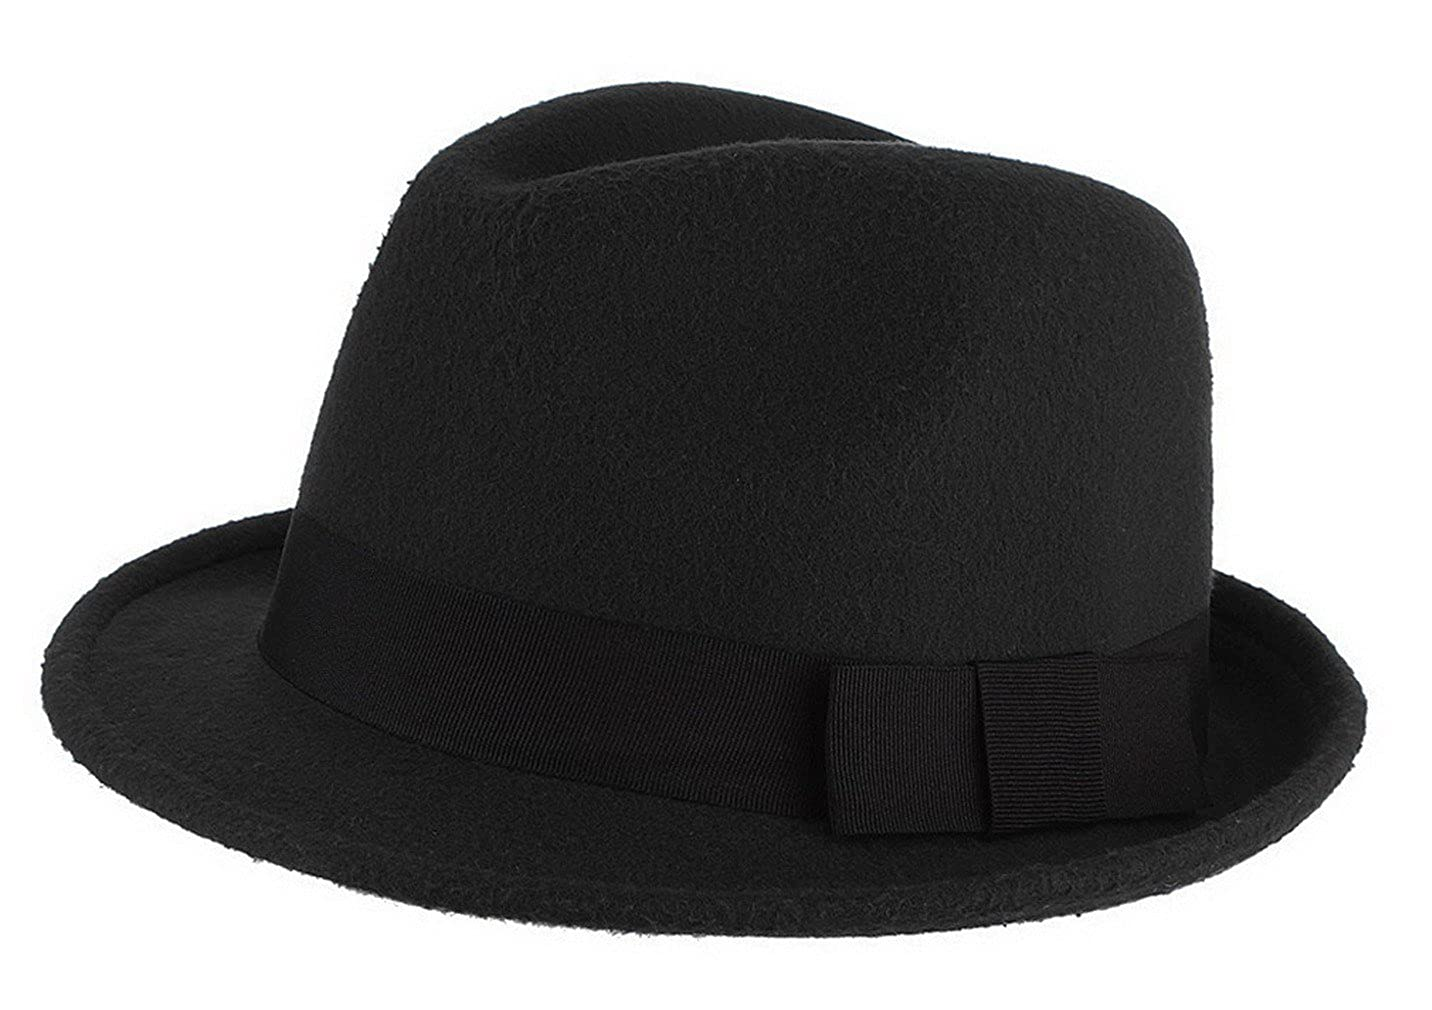 La Vogue-Cappello in Feltro Uomo Jazz Berretto Caldo Fedora Trilby Semplice Topper Invernale